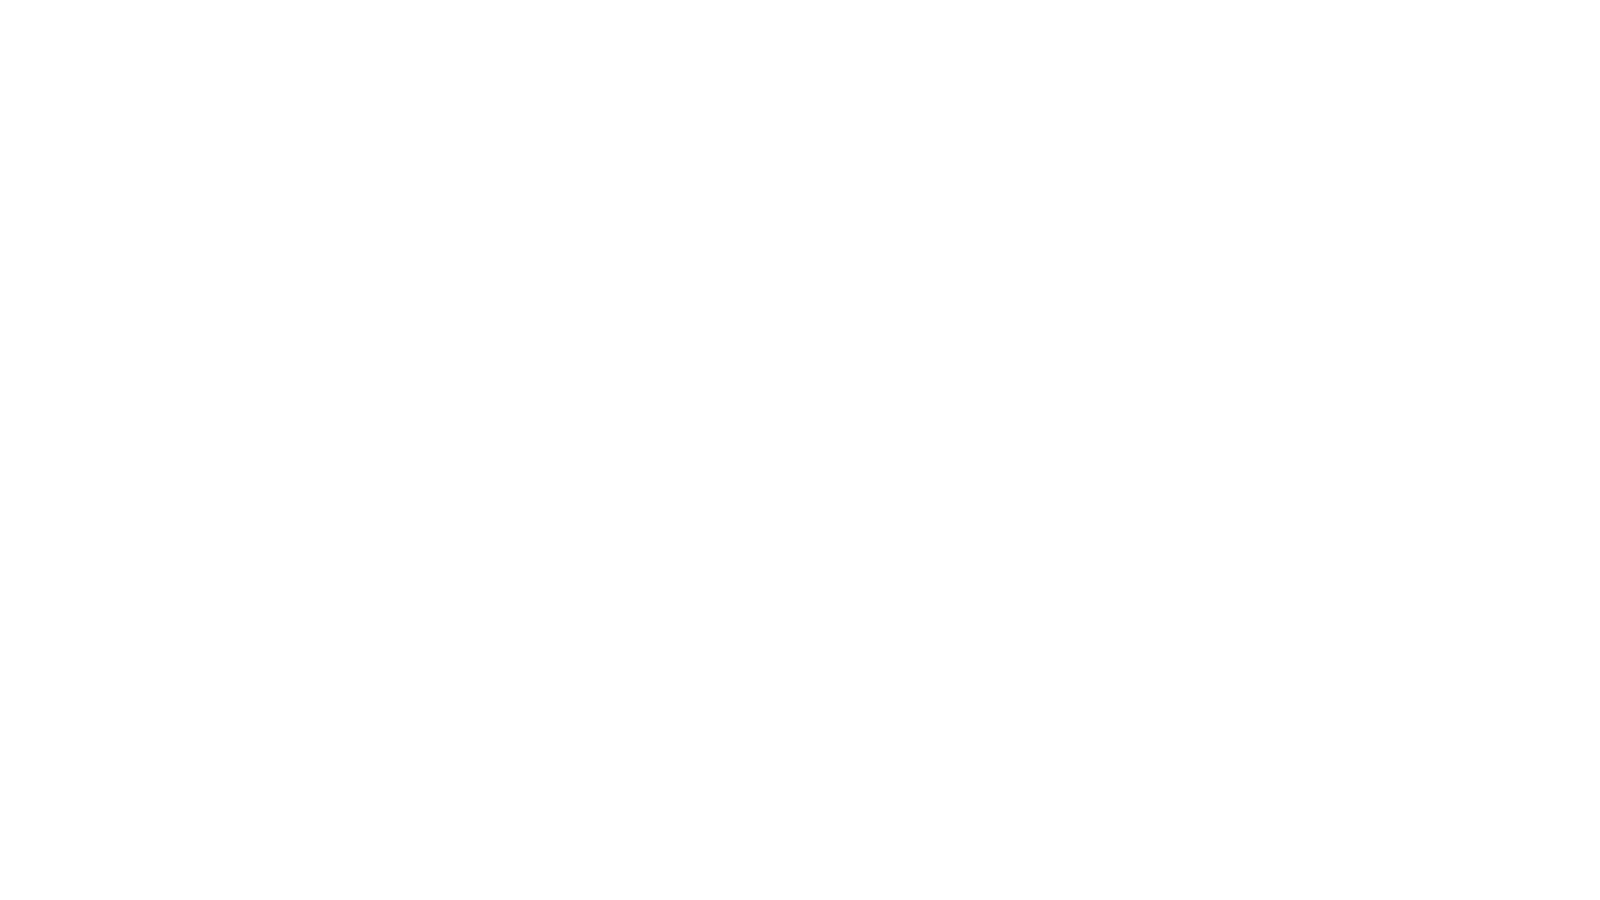 主持人:Emily洪曉芬老師  節目時間:毎週六晚間8點 本集播出日期:2021.4.10首播  孩子善於模仿大人, 轉換教養的溝通方式, 不僅親子氣氛更和樂, 孩子也能學會正向表達喔!  ▶ Emily老師快樂芬多精FB粉絲專頁 #https://tinyurl.com/yx7edvdf  ▶ 加入Emily老師微私塾Line群組 #https://line.me/ti/p/@emilyh  ▶ 「快樂芬多精」節目介紹 #https://wp.me/pbsKhA-1My   本節目由橙智國際教育集團贊助播出:  ▶ 橙智Youtube頻道 #https://reurl.cc/vDkYqL ▶ 橙智國際教育集團官方網站 #http://www.smartorange.com.tw   #Emily老師 #快樂芬多精 #成長大件事